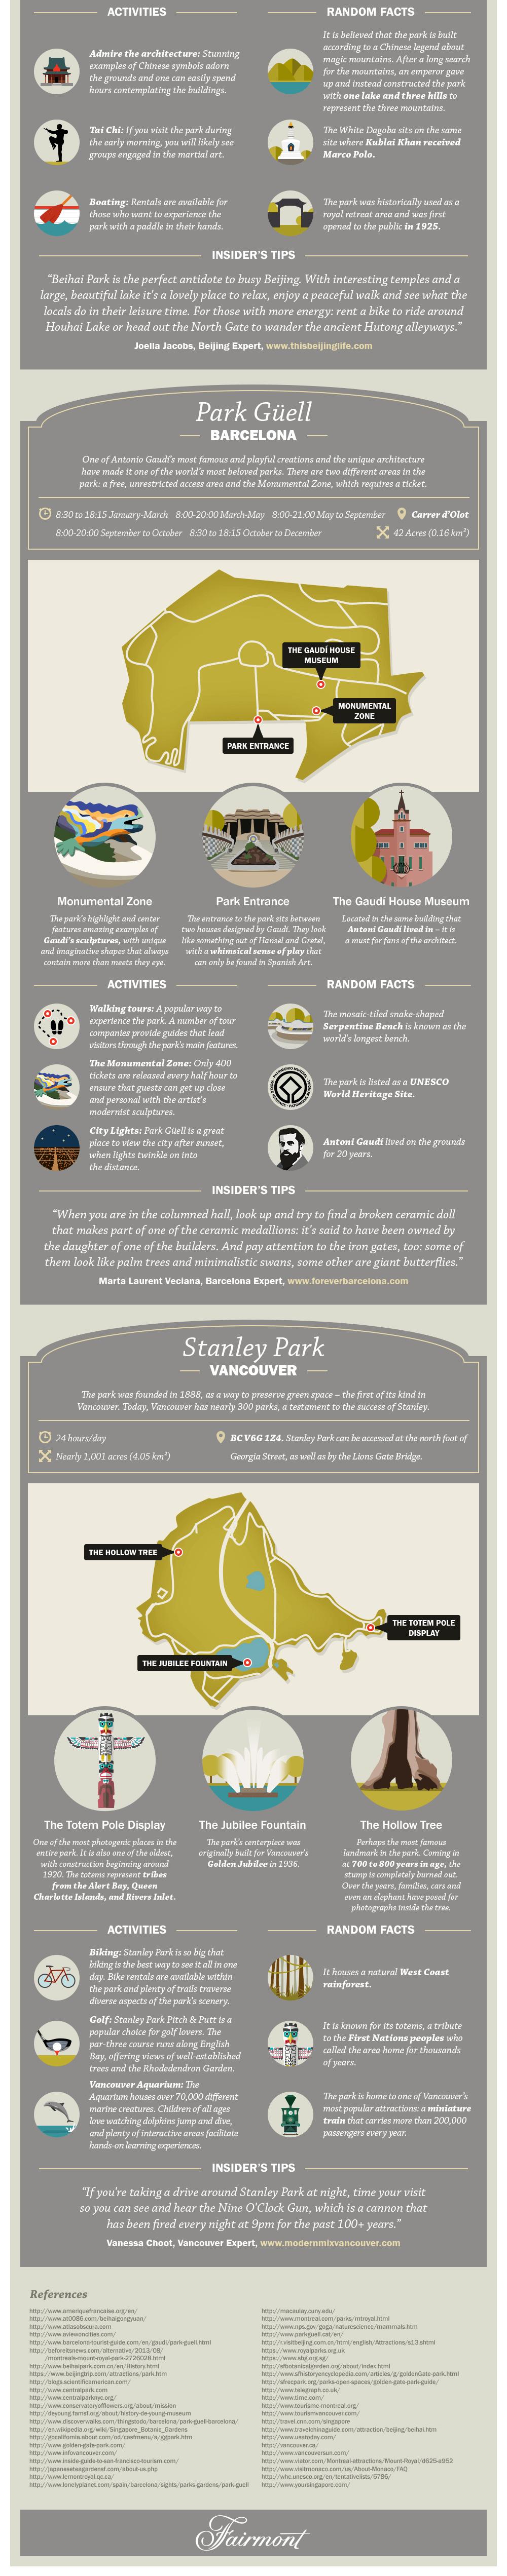 Best city parks